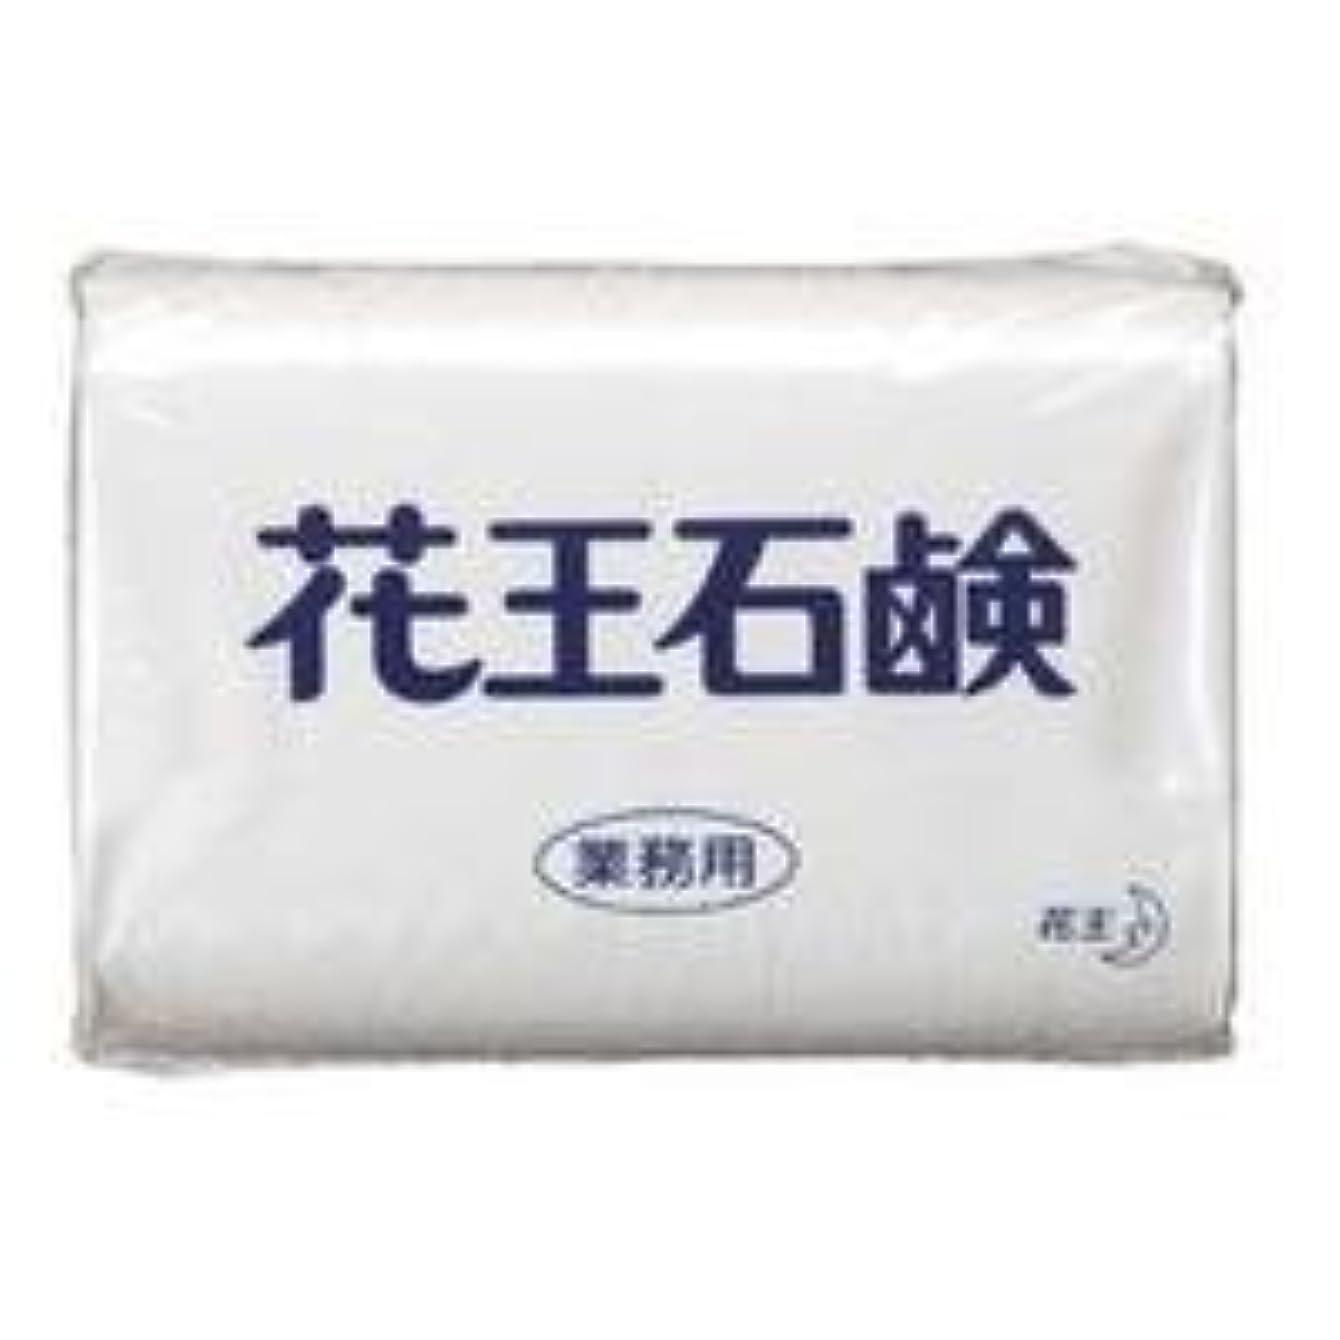 電子レンジ背骨冷える業務用石鹸 85g 3個×40パック(120個入り)